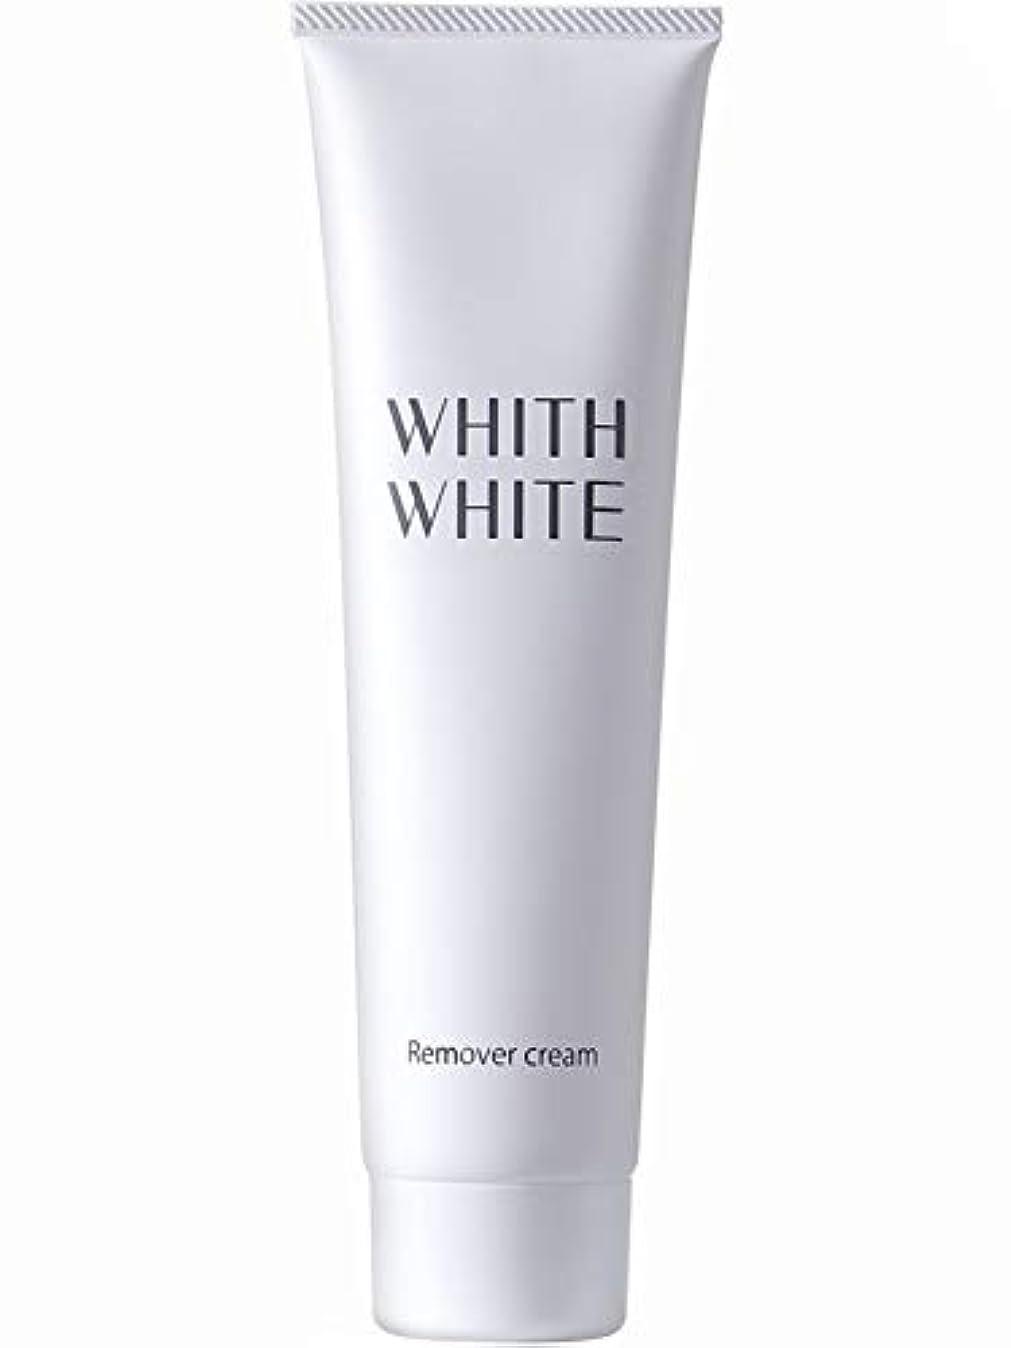 奪う遠え延ばす【医薬部外品】 WHITH WHITE(フィス ホワイト) 除毛クリーム 150g 陰部 使用可能